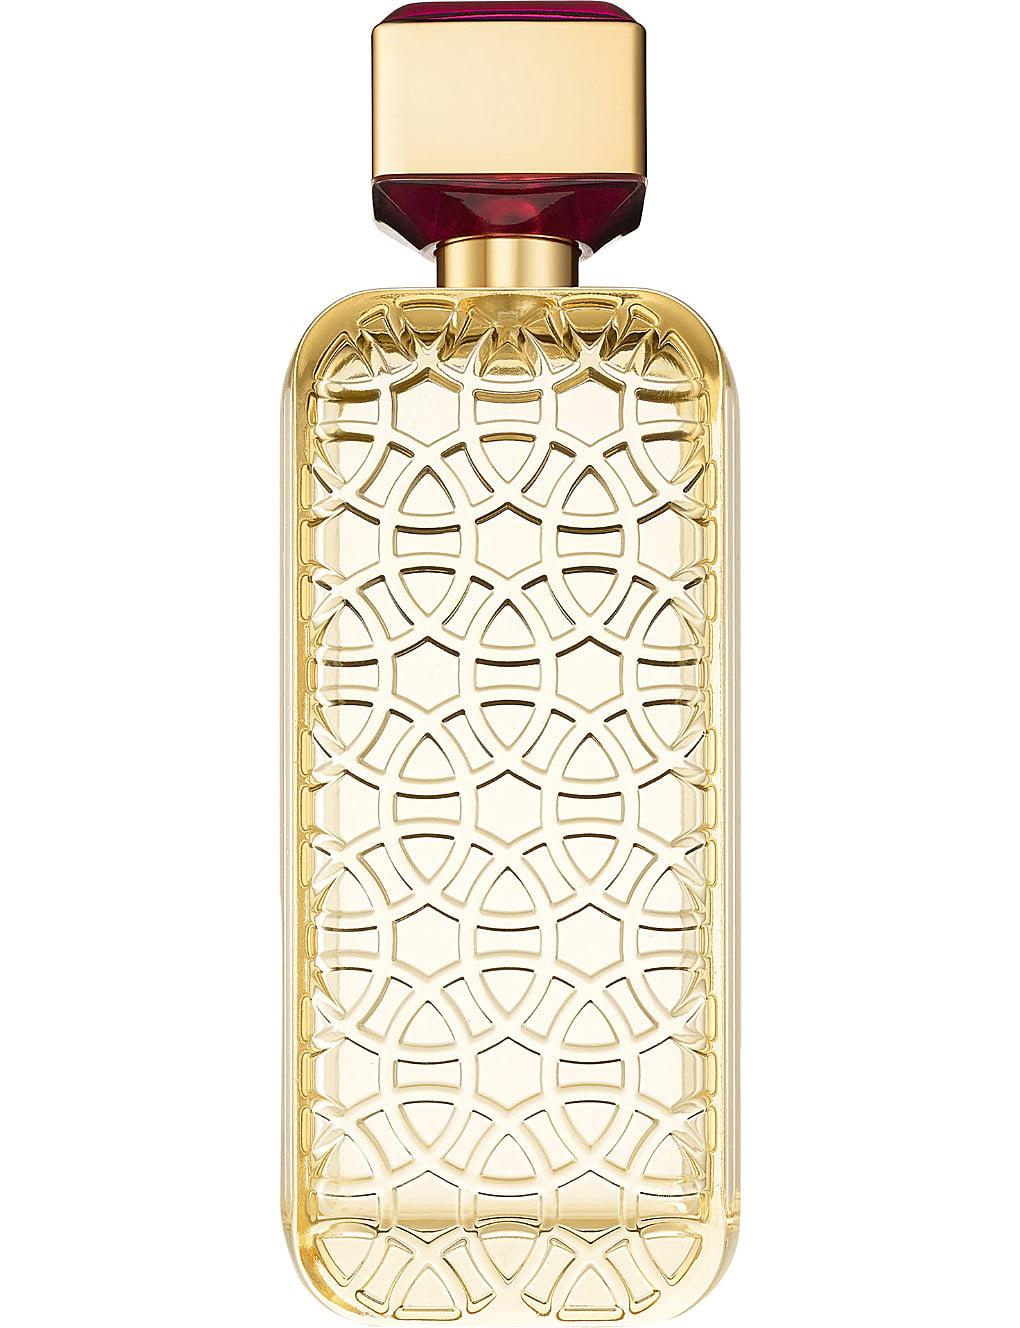 Clinique Beyond Rose Eau de Parfum, Perfume for Women, 3.4 Oz